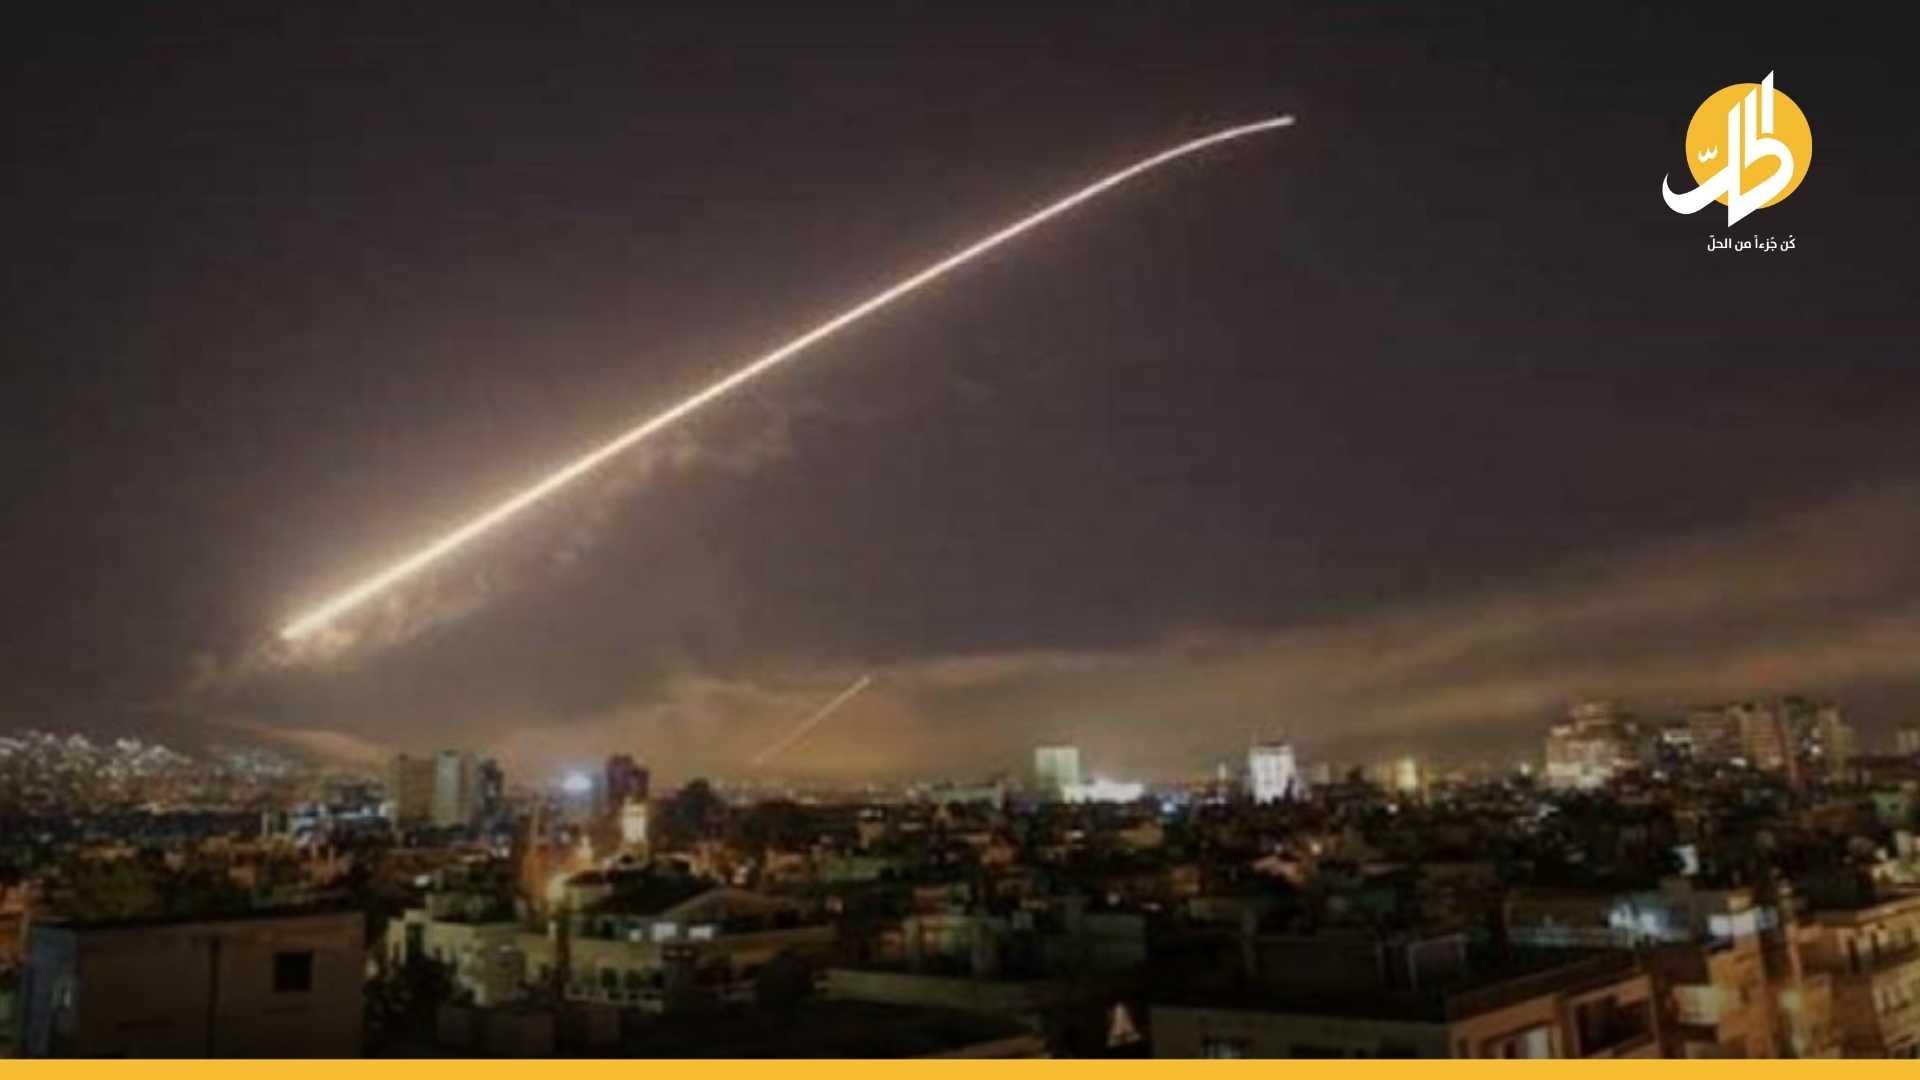 """انفجارات مجهولة تستهدف الجيش السوري و""""الحشد الشعبي"""" بريفي دمشق ودير الزور"""